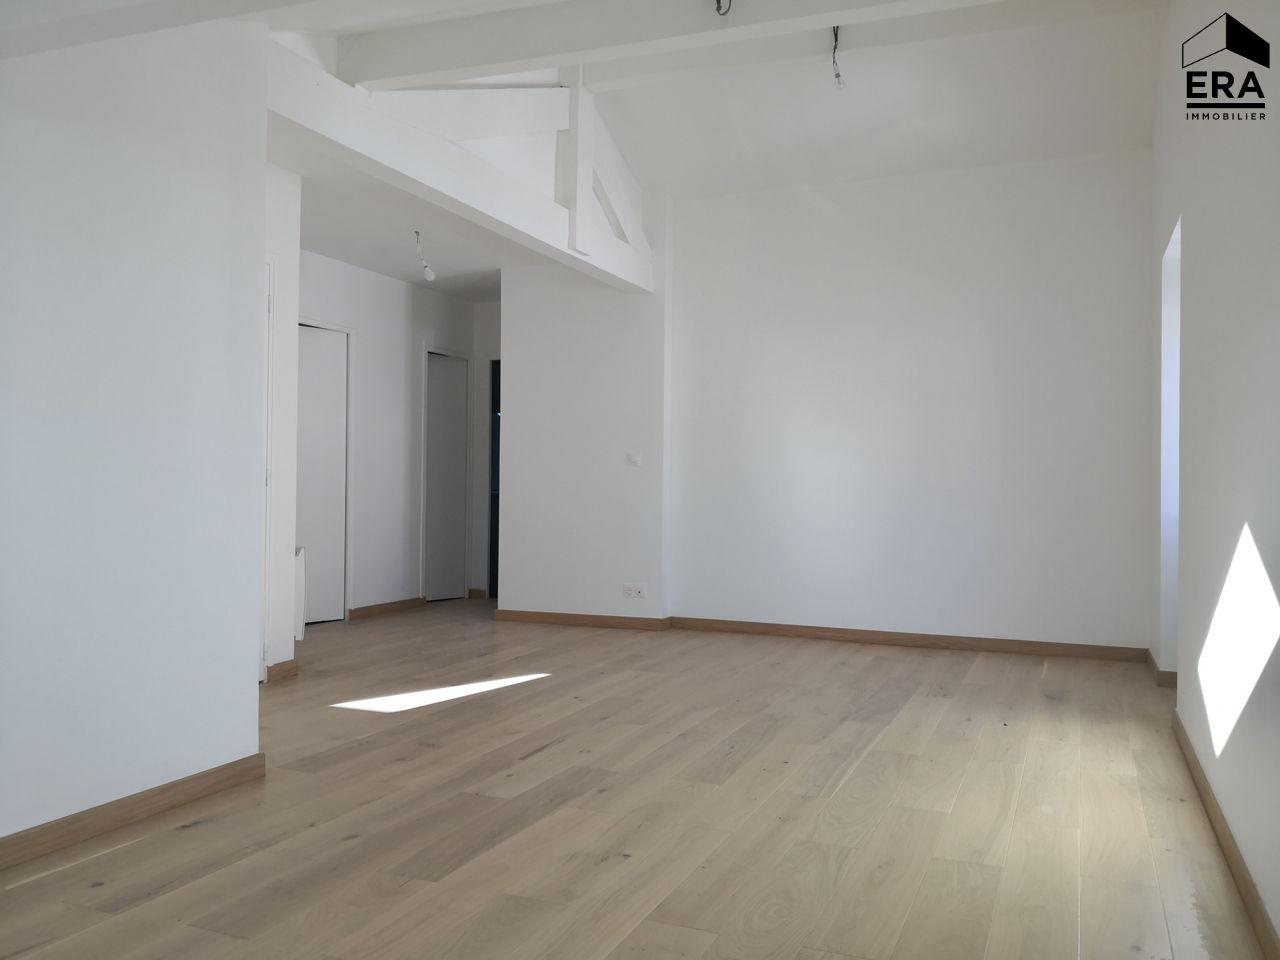 vente appartement à ASCAIN - 280 000